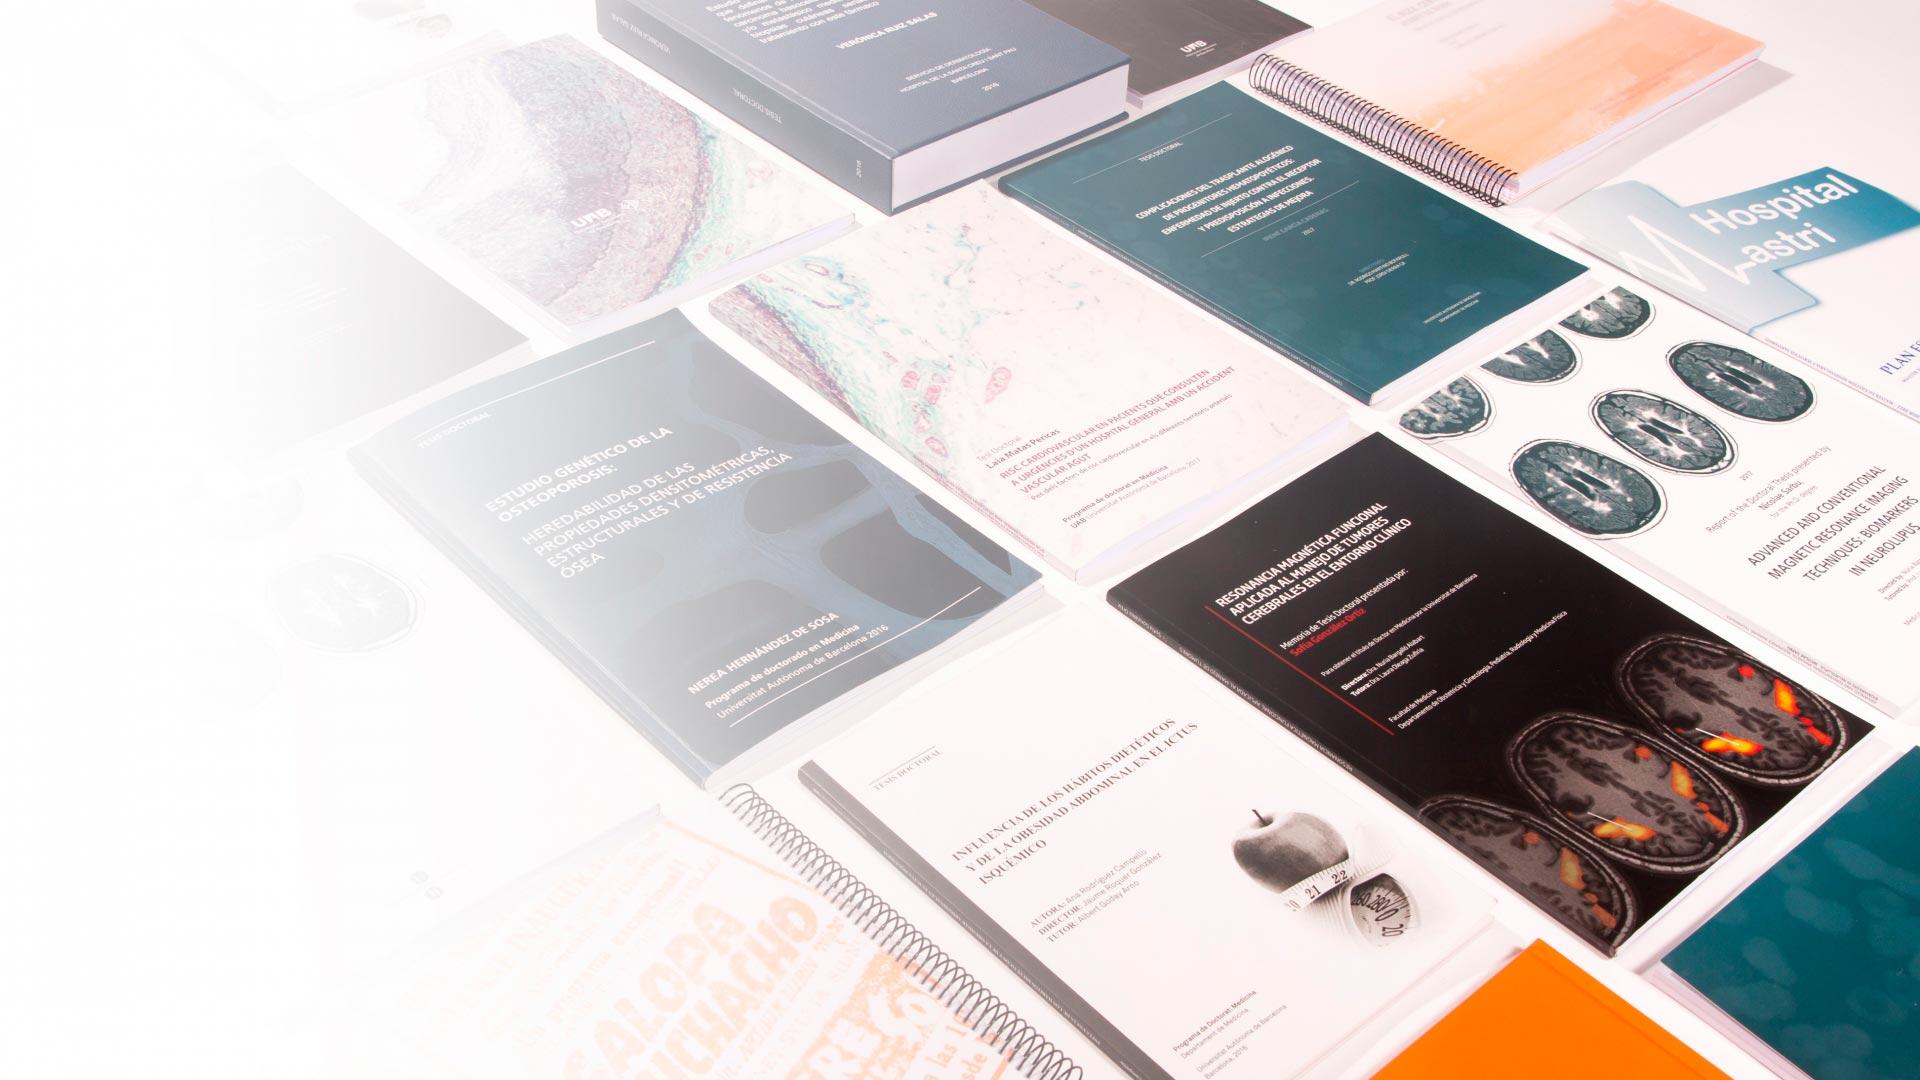 Tesis doctorals dissenyades i maquetades per Anna Morera